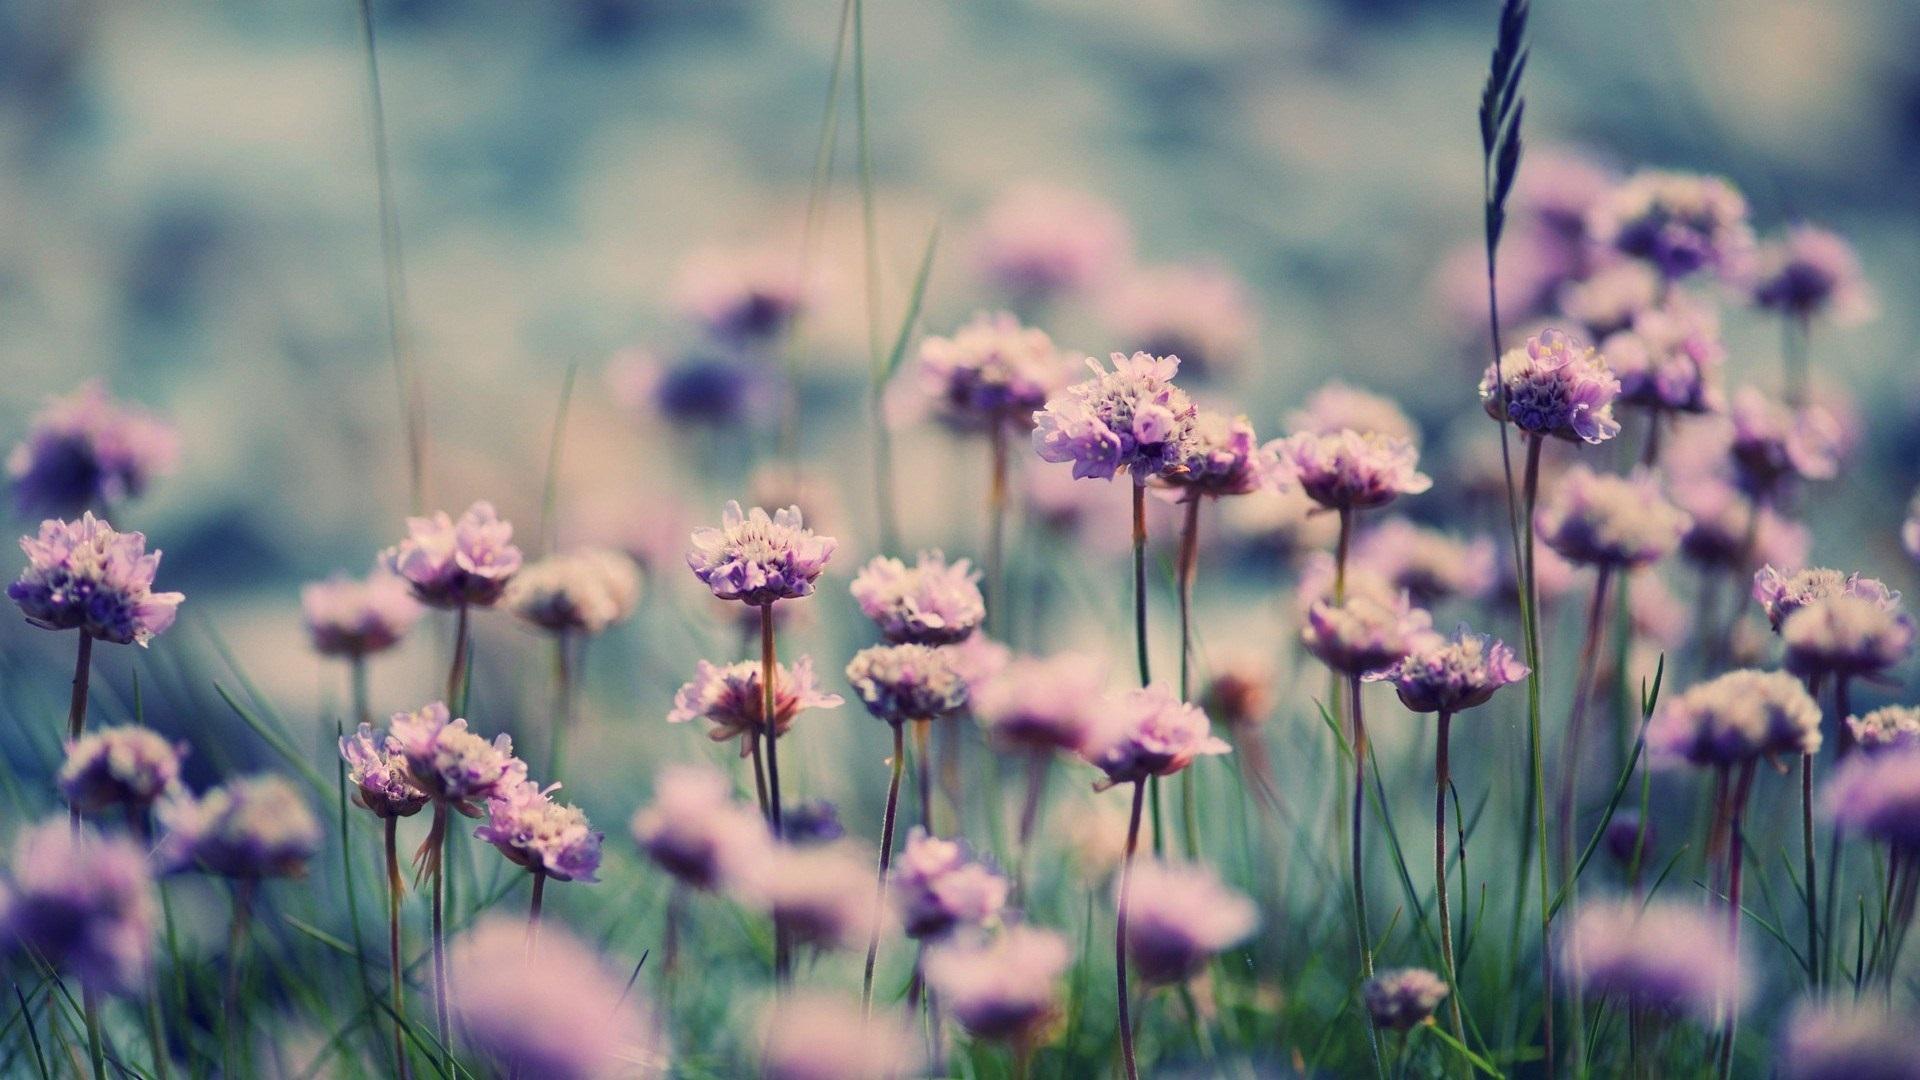 Wallpaper Little Purple Flowers Field Grass 1920x1080 Full Hd 2k